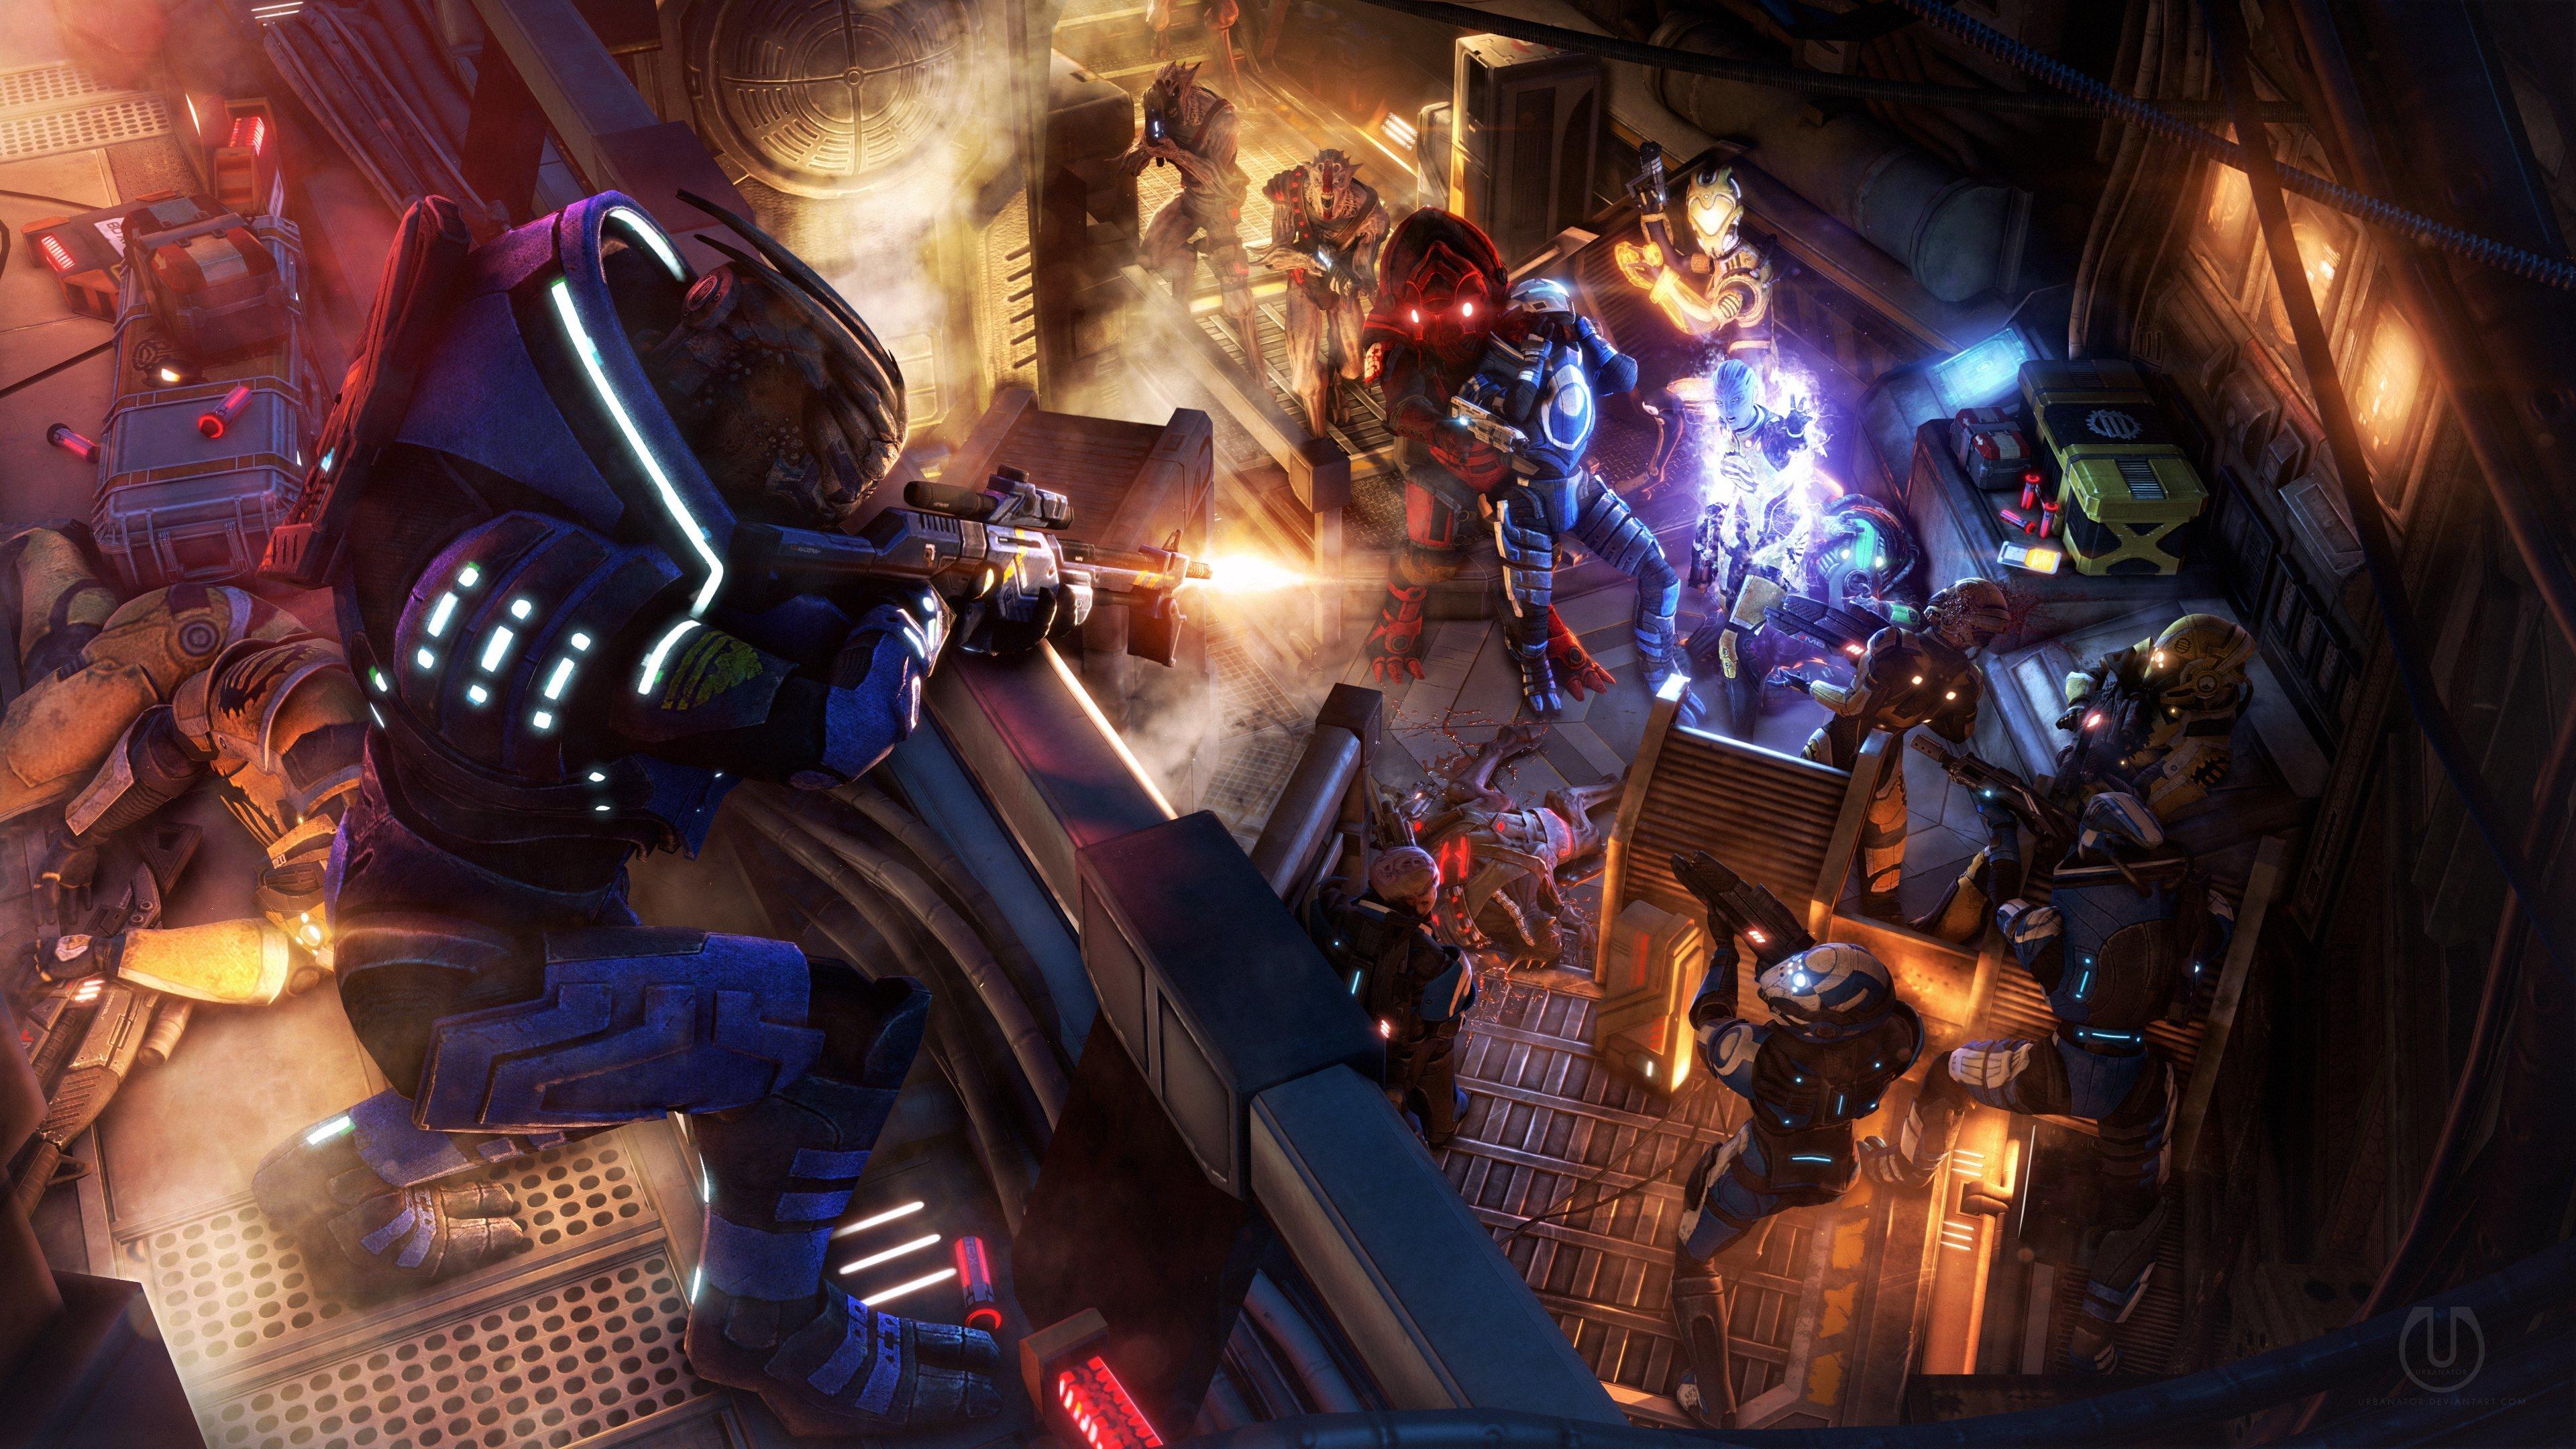 Mass Effect Wallpapers 3840x2160 Ultra Hd 4k Desktop Backgrounds